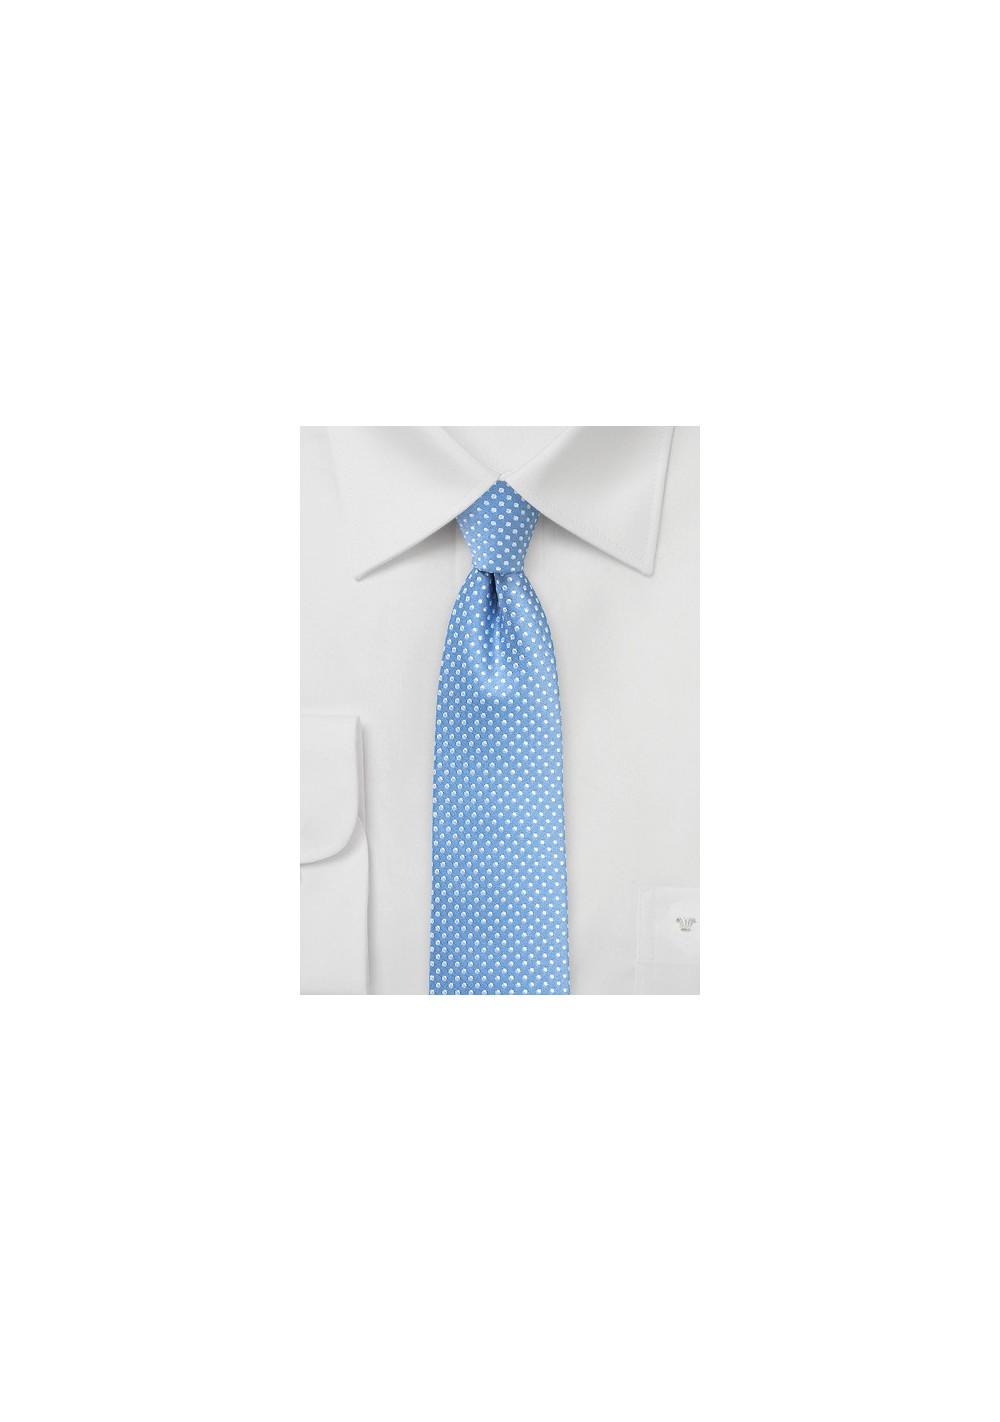 Dusty Blue Pin Dot Tie